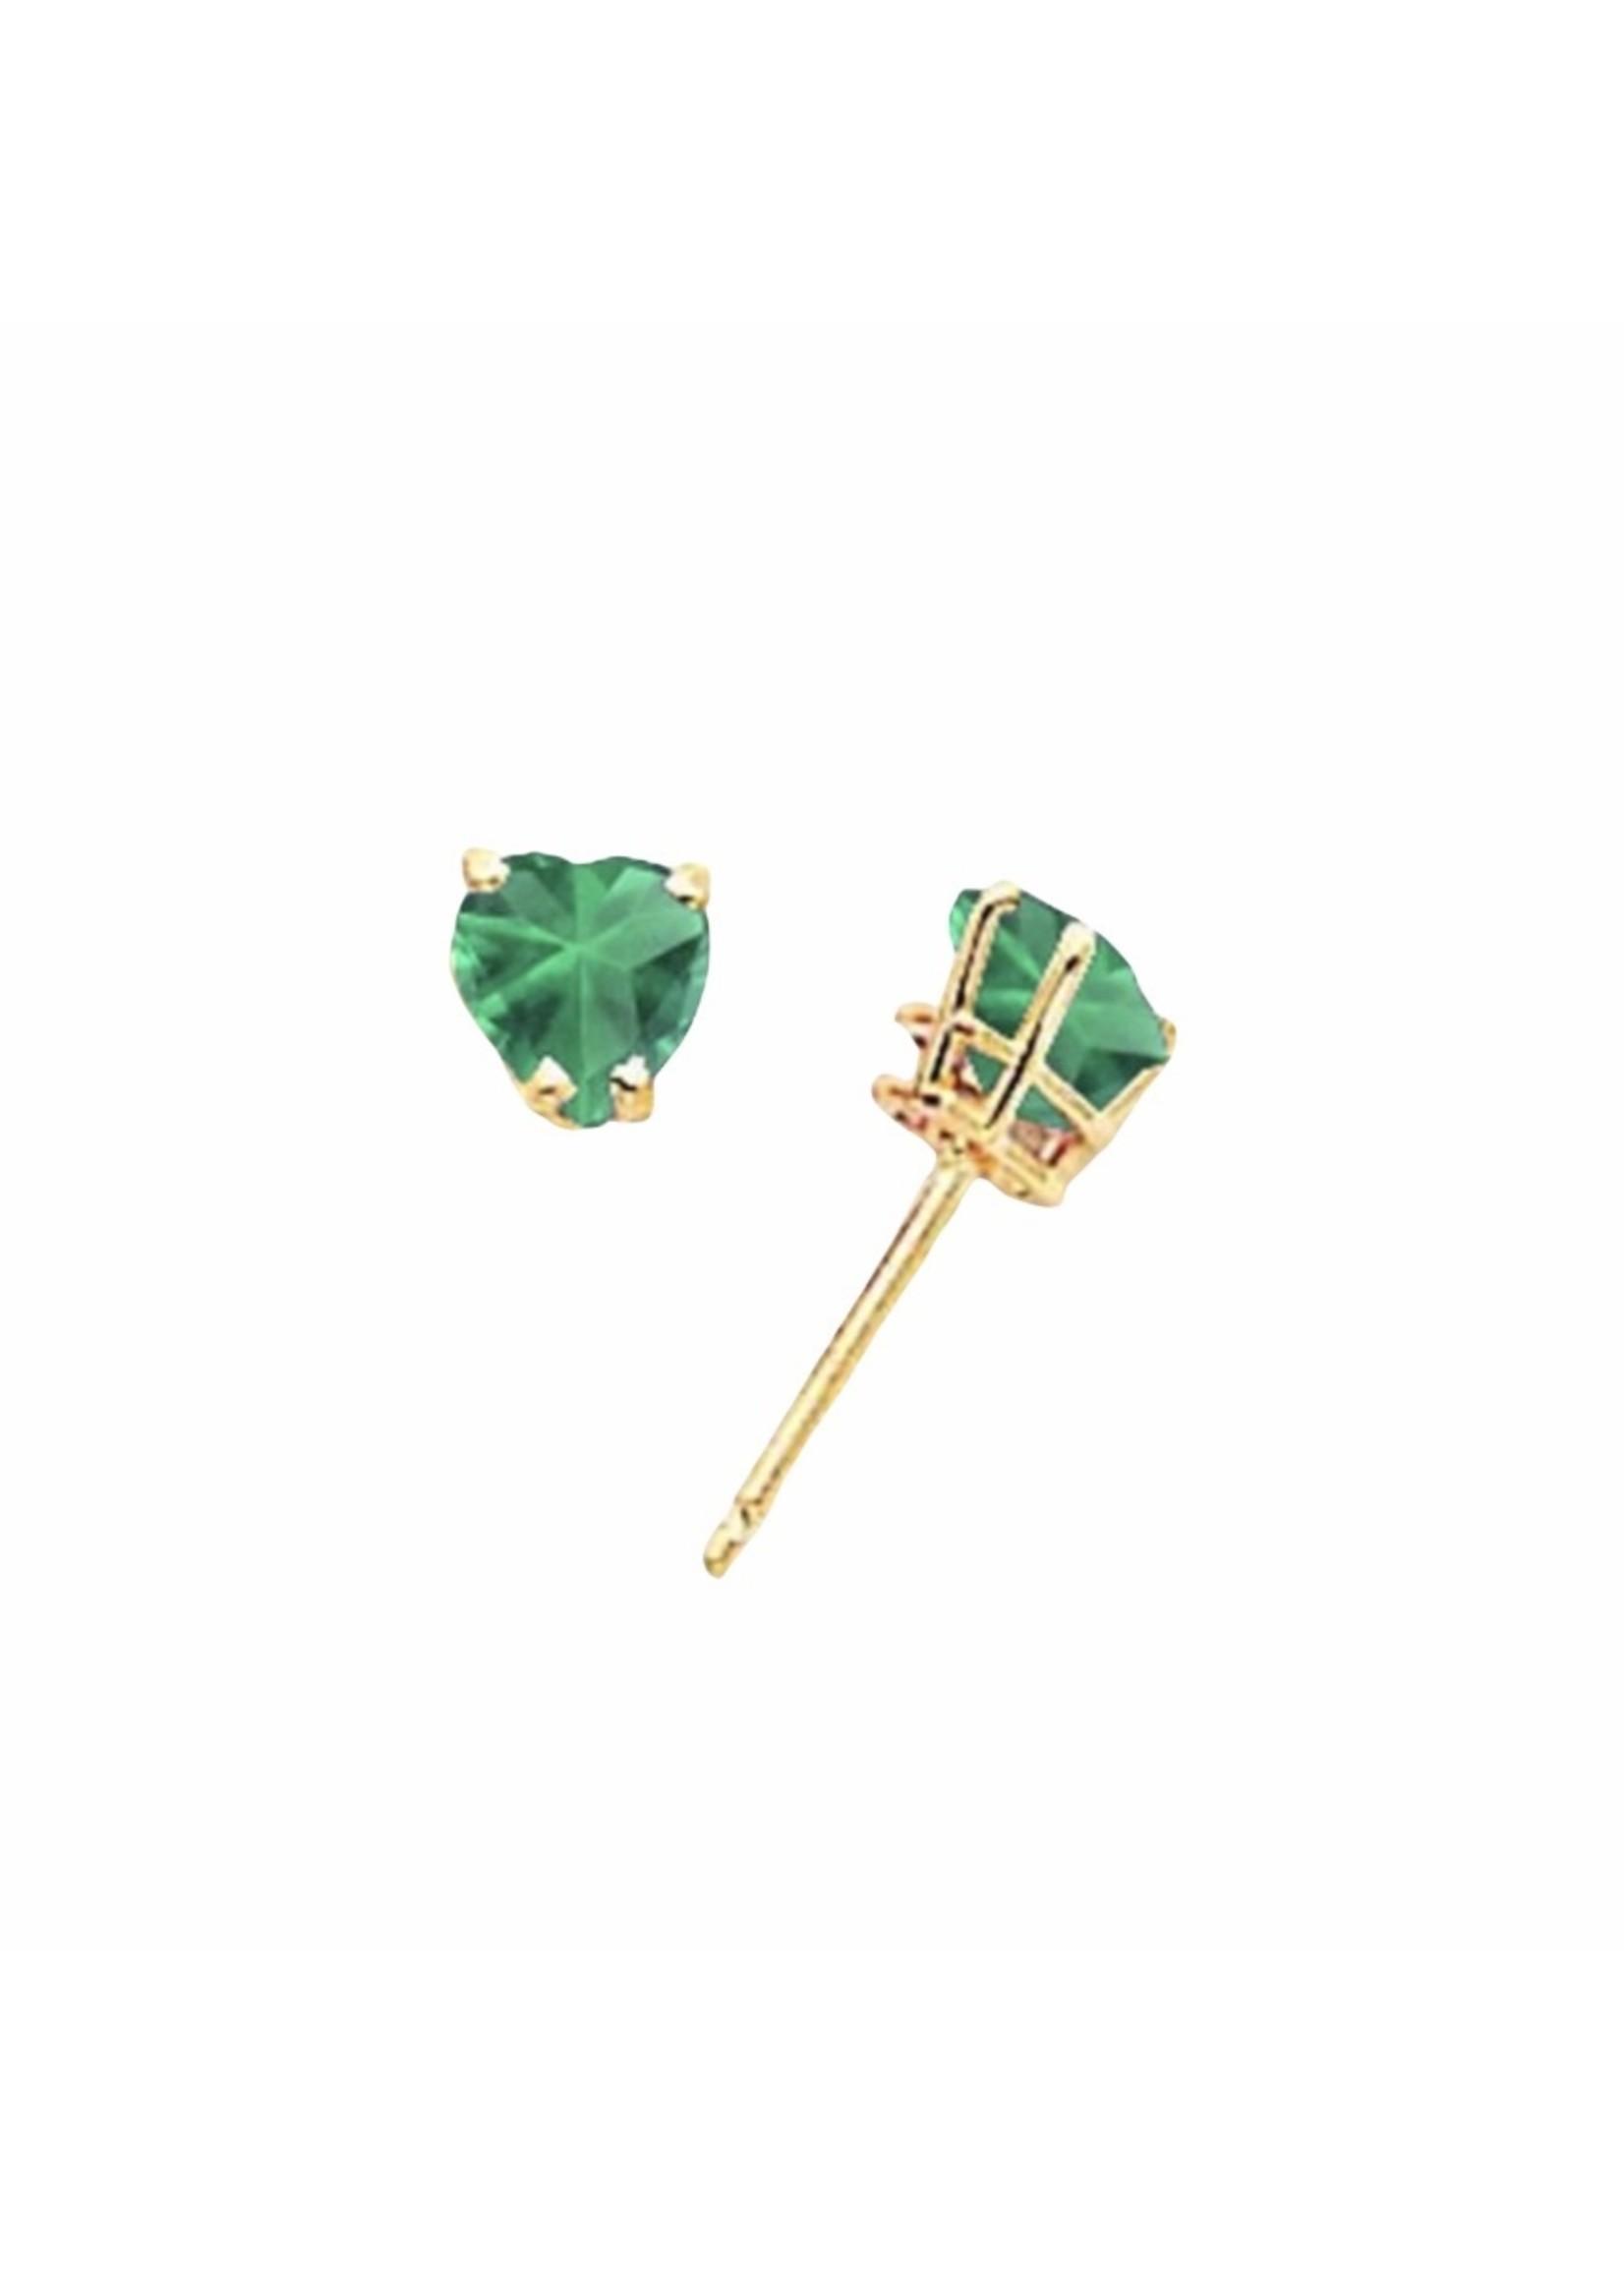 Jill Alberts Mount St. Helens Heart Stud Earrings